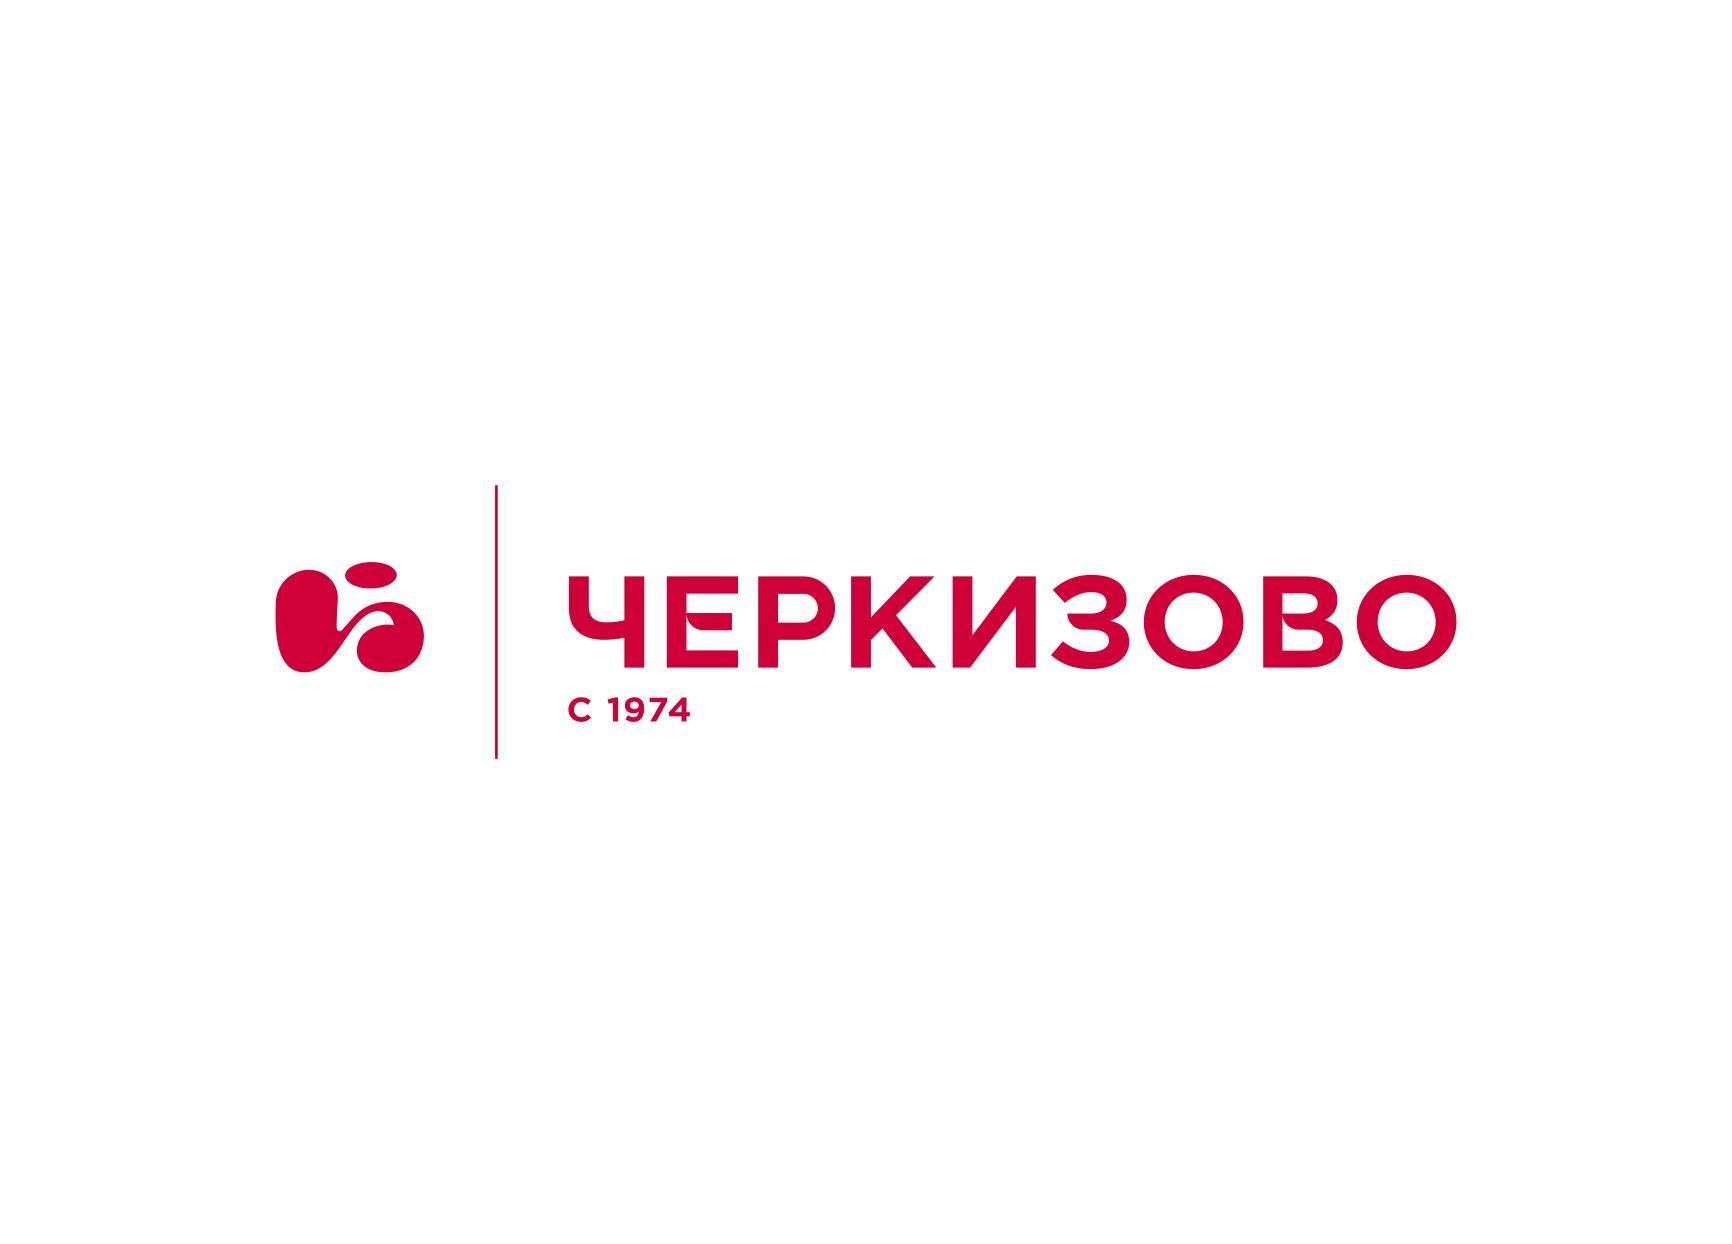 Компания черкизово официальный сайт размещение ссылок на одноклассниках